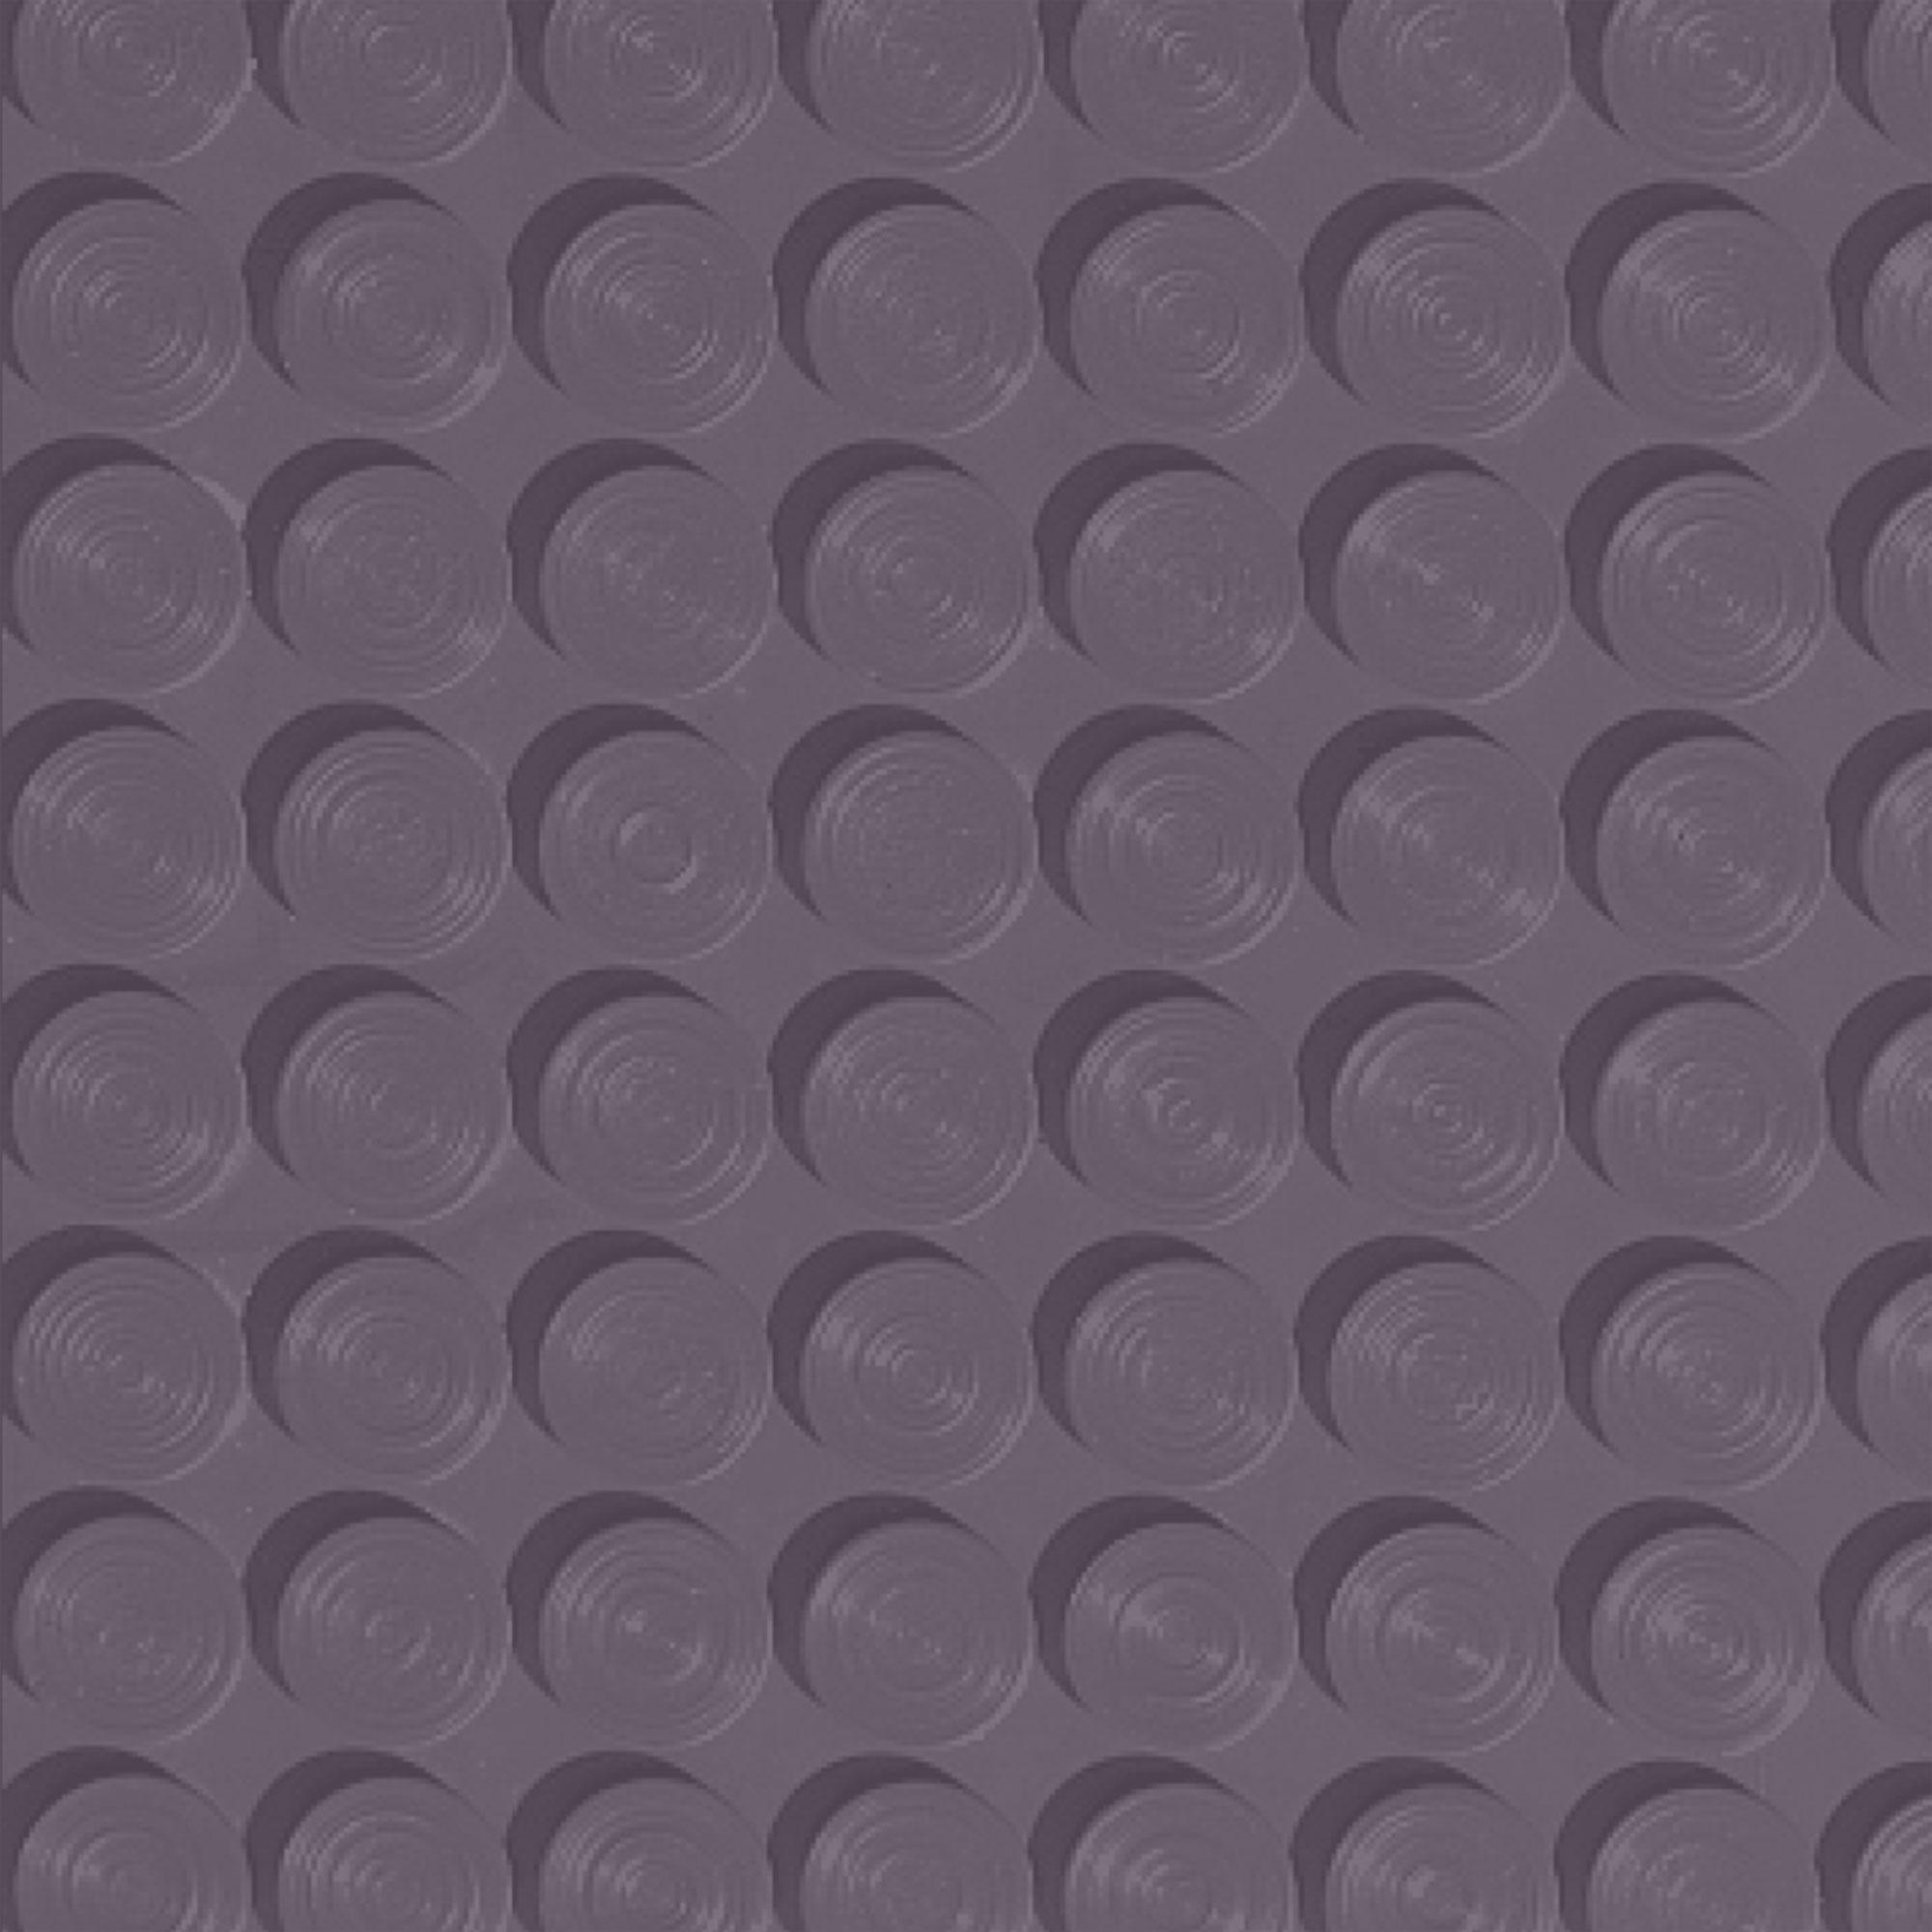 Roppe Rubber Tile 900 - Lug Back Vantage Design (LB996) Merlin Rubber Flooring